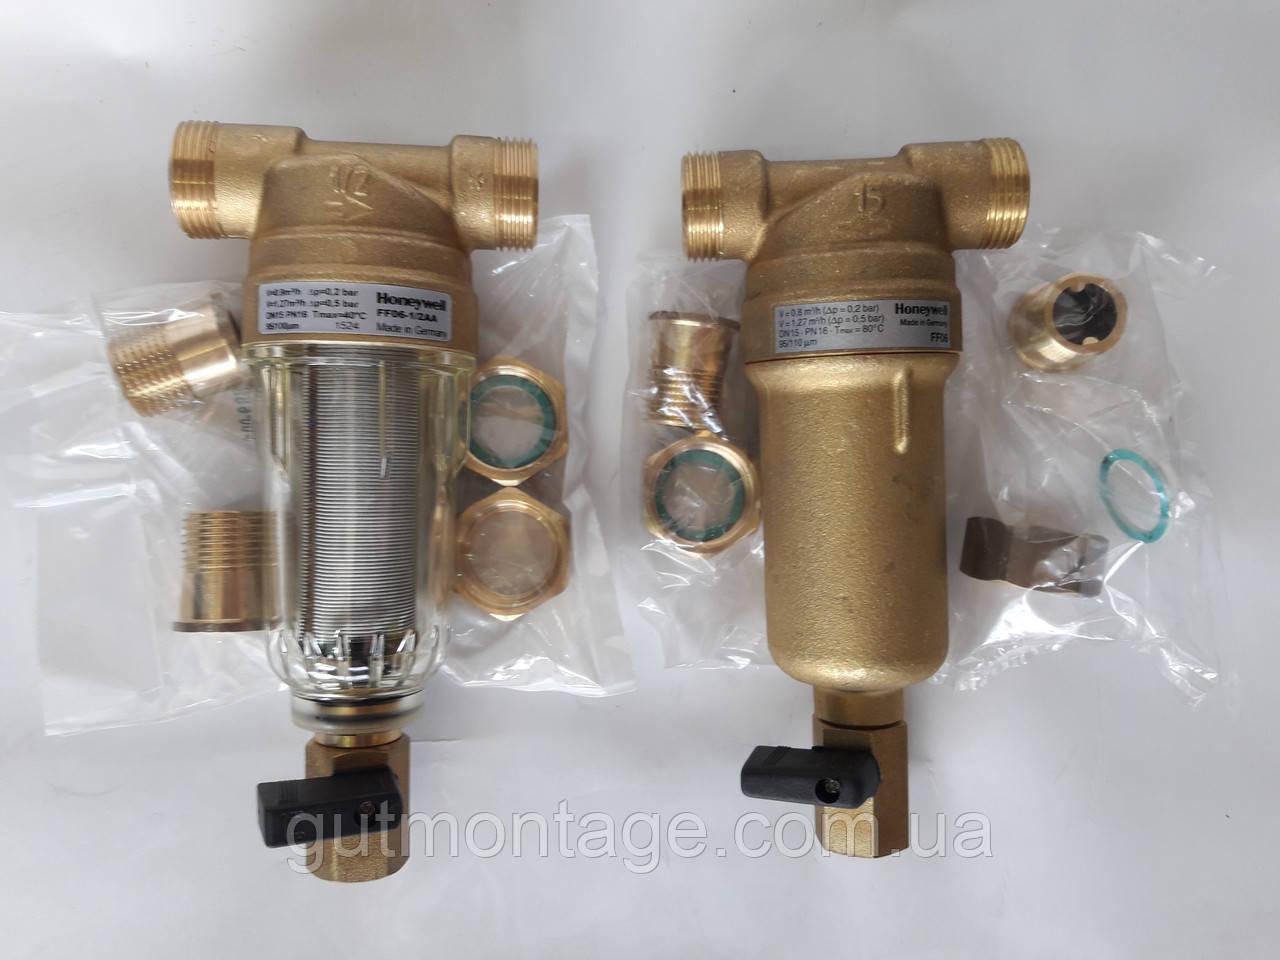 Комплект фильтров для квартиры Honeywell Германия FF06 1/2AA и 1/2ААМ., фото 1